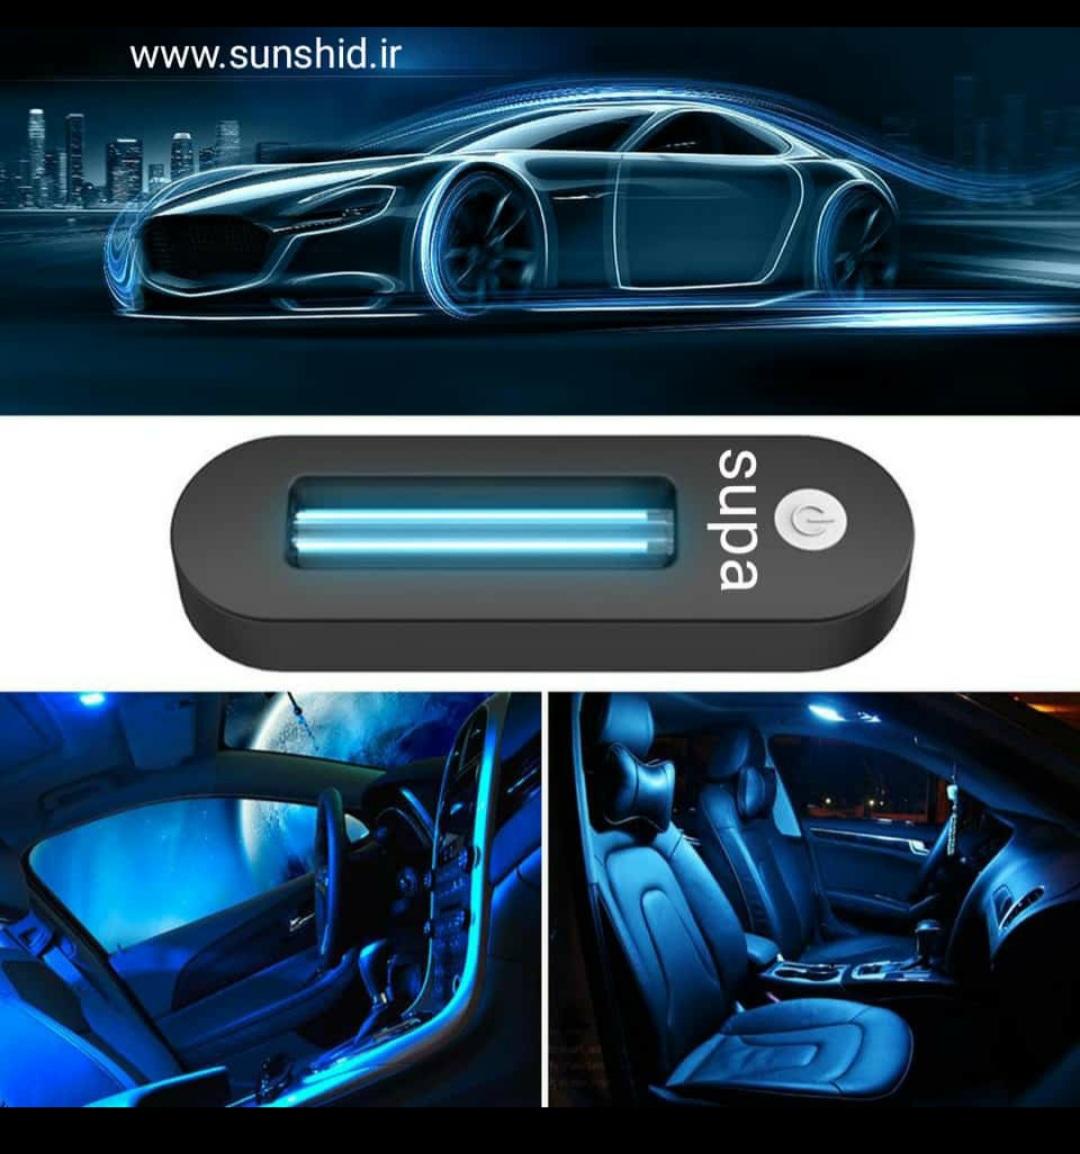 دستگاه استریل کننده خودرو با تکنولوژی فیلیپس المان مدل pco20w